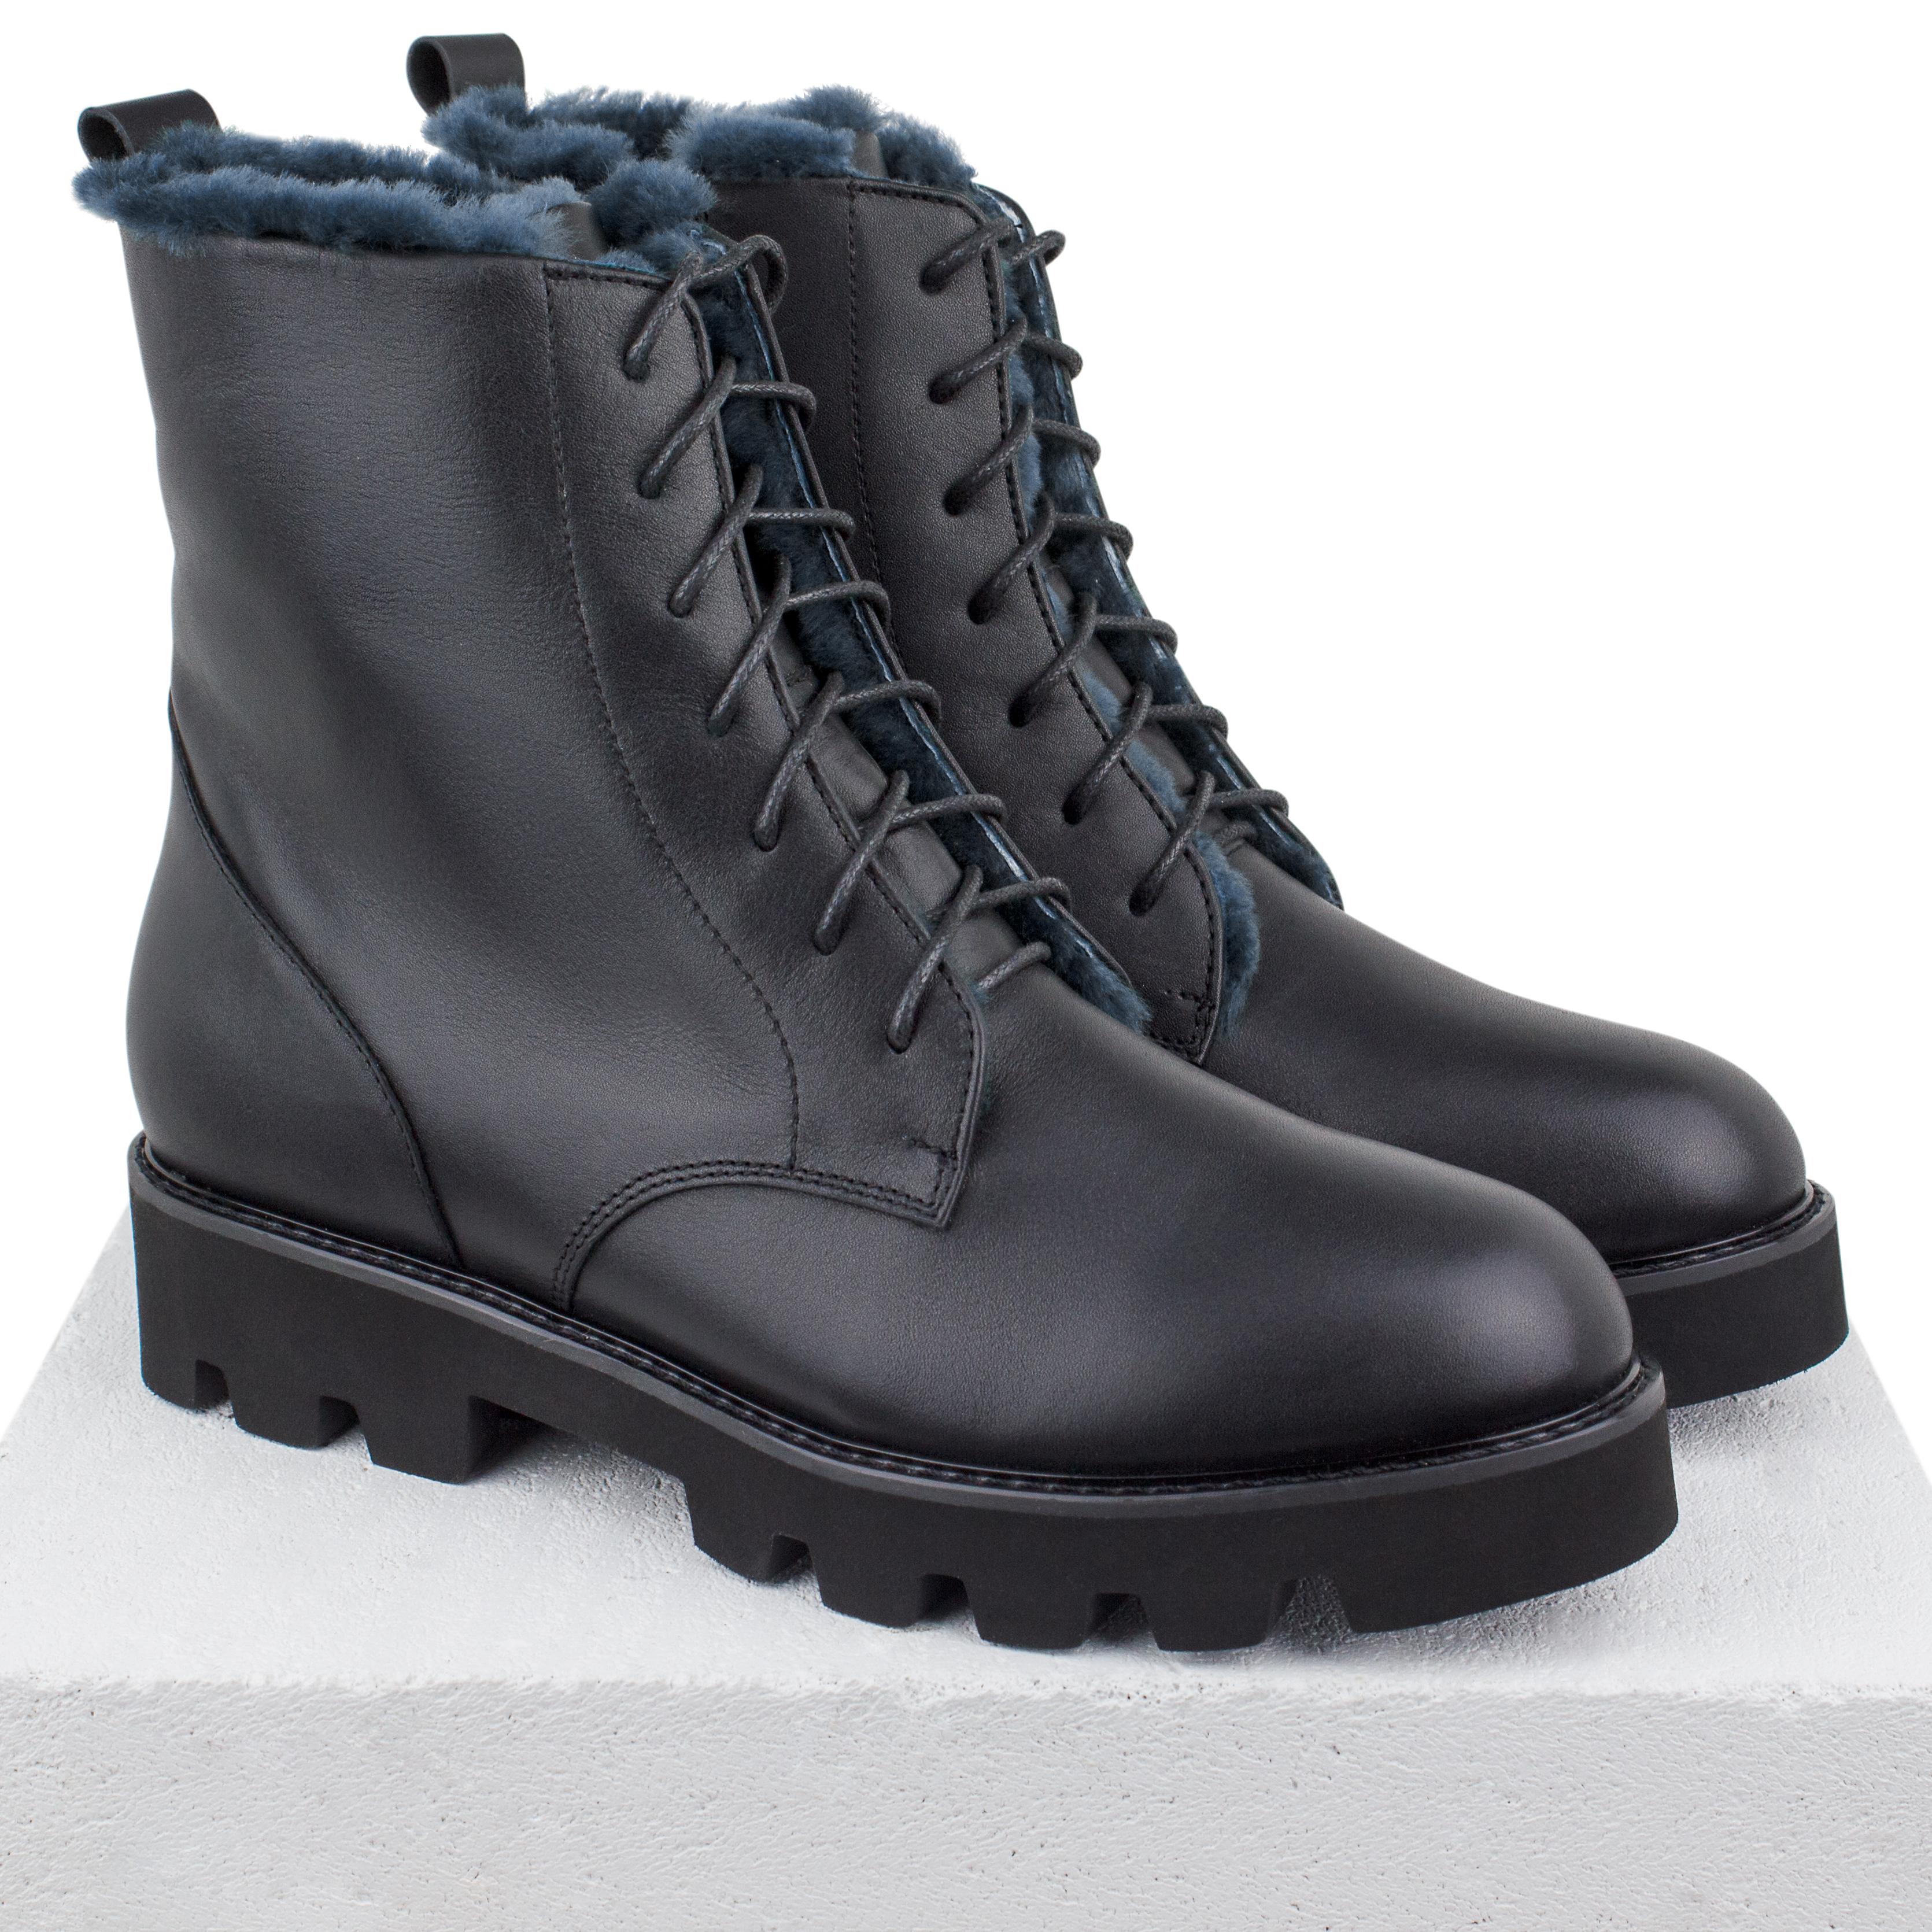 Кожаные черные высокие ботинки на свинцово-сером меху (W)